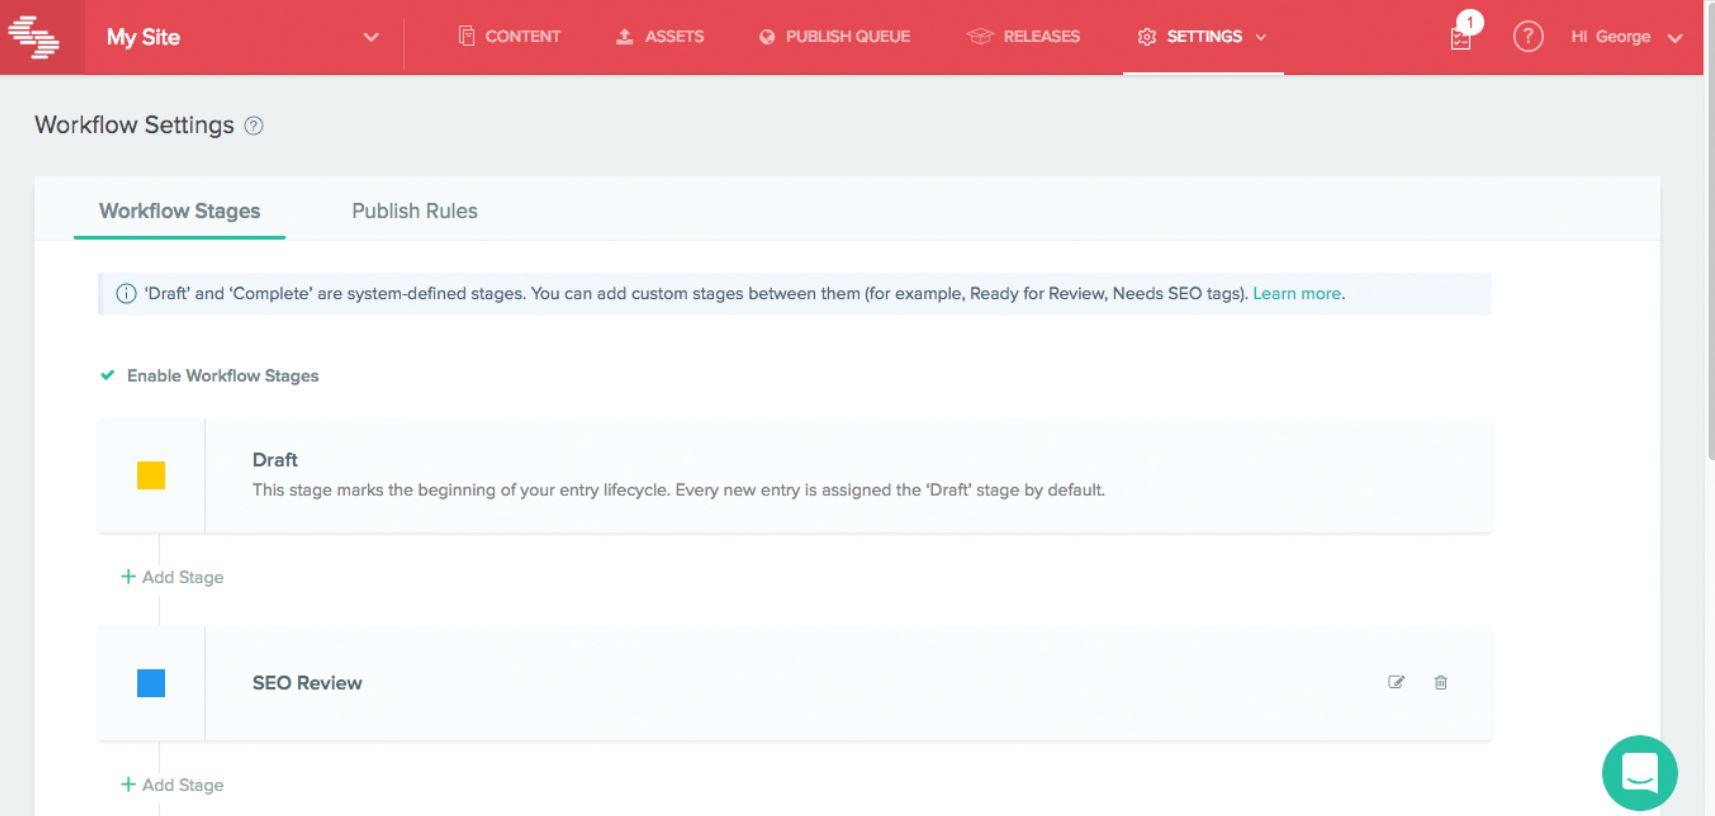 Contentstack workflow settings